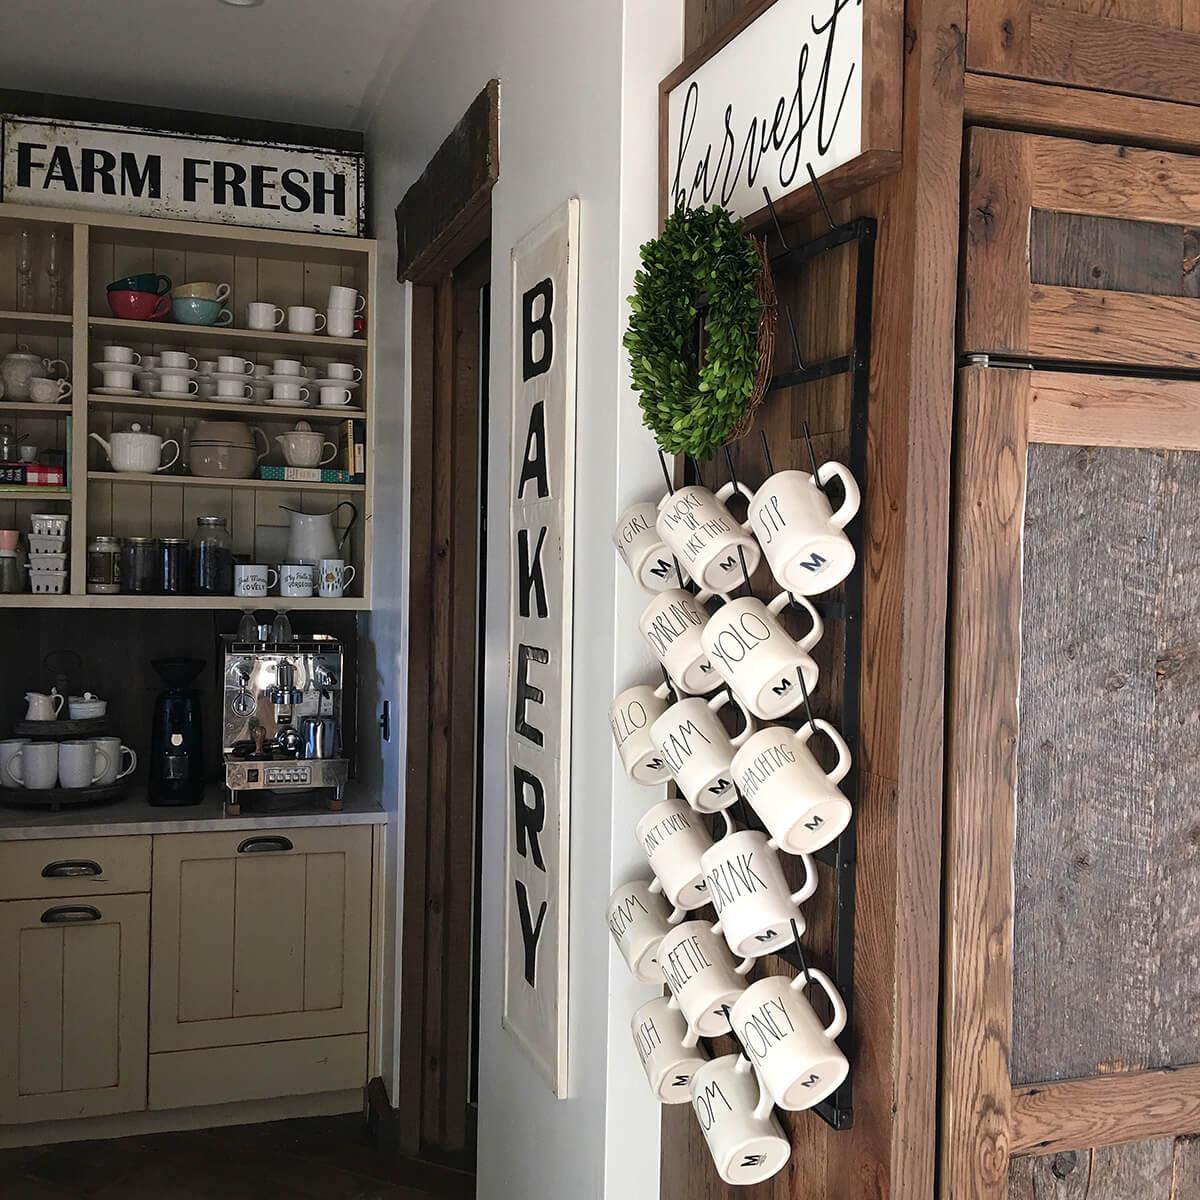 Wall Mounted Mug Rack with Wreath